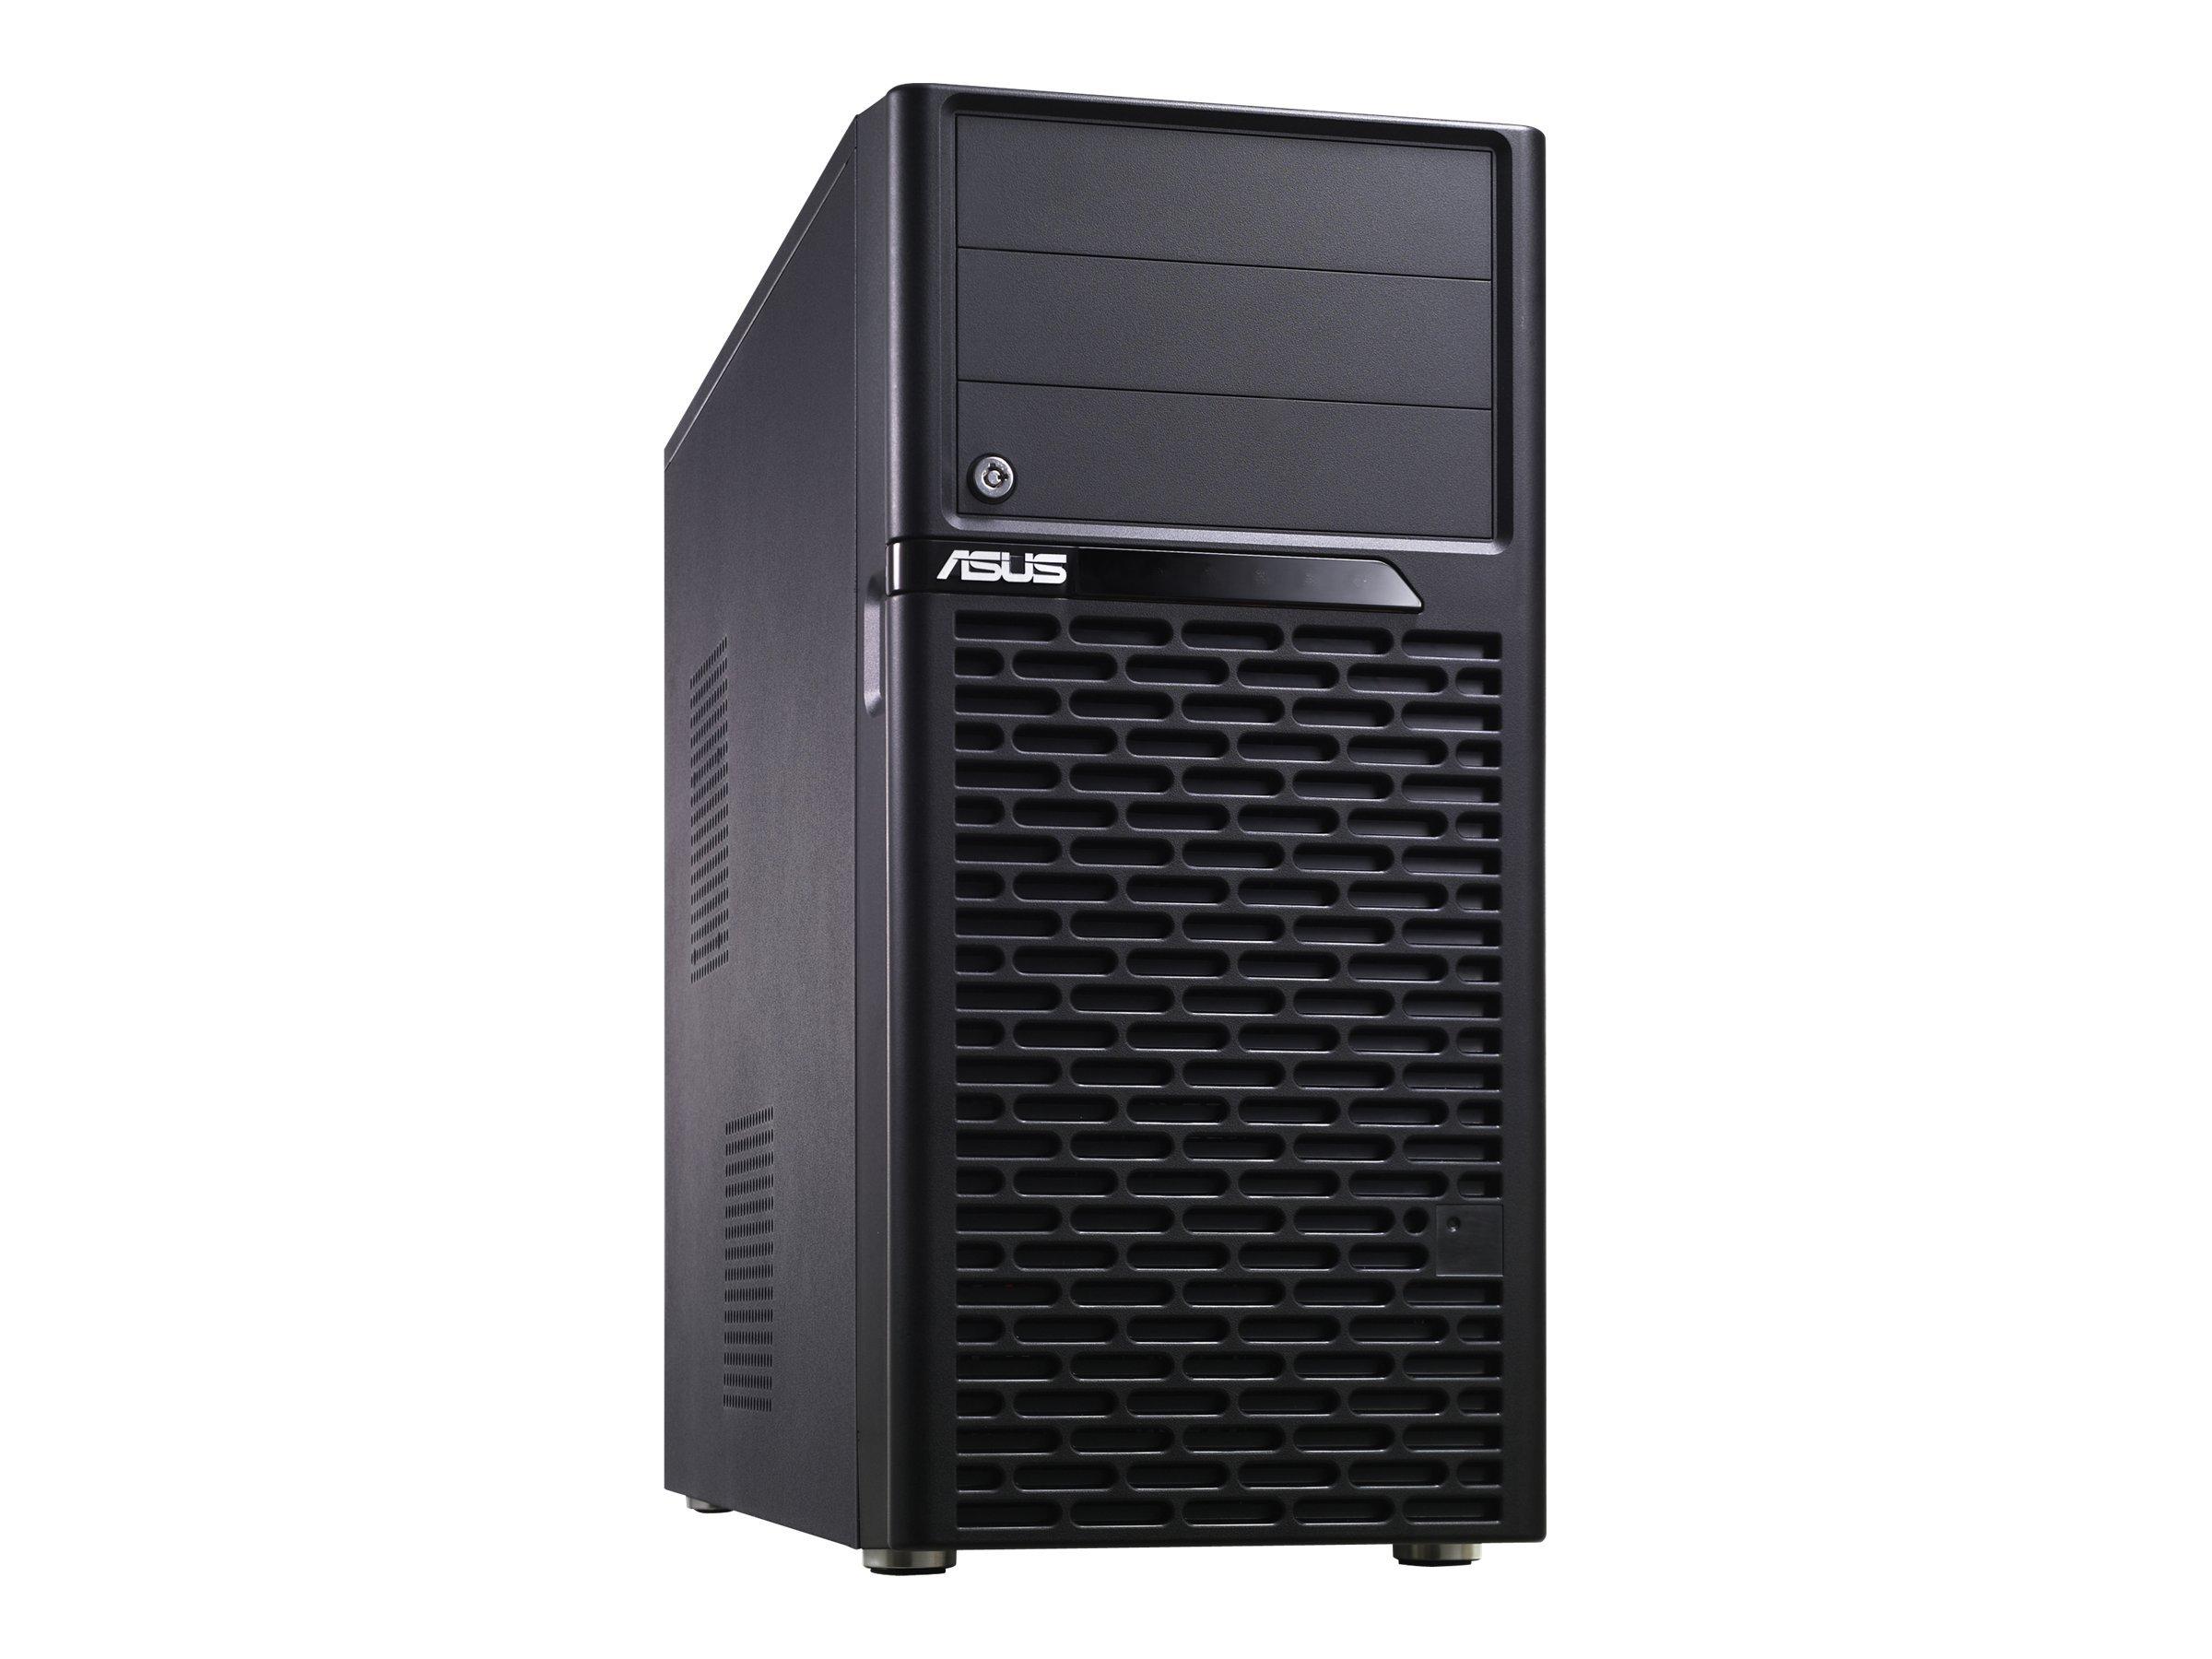 ASUS ESC2000 G2 - Tower - 5U - RAM 0 MB - kein HDD - DVD-Writer